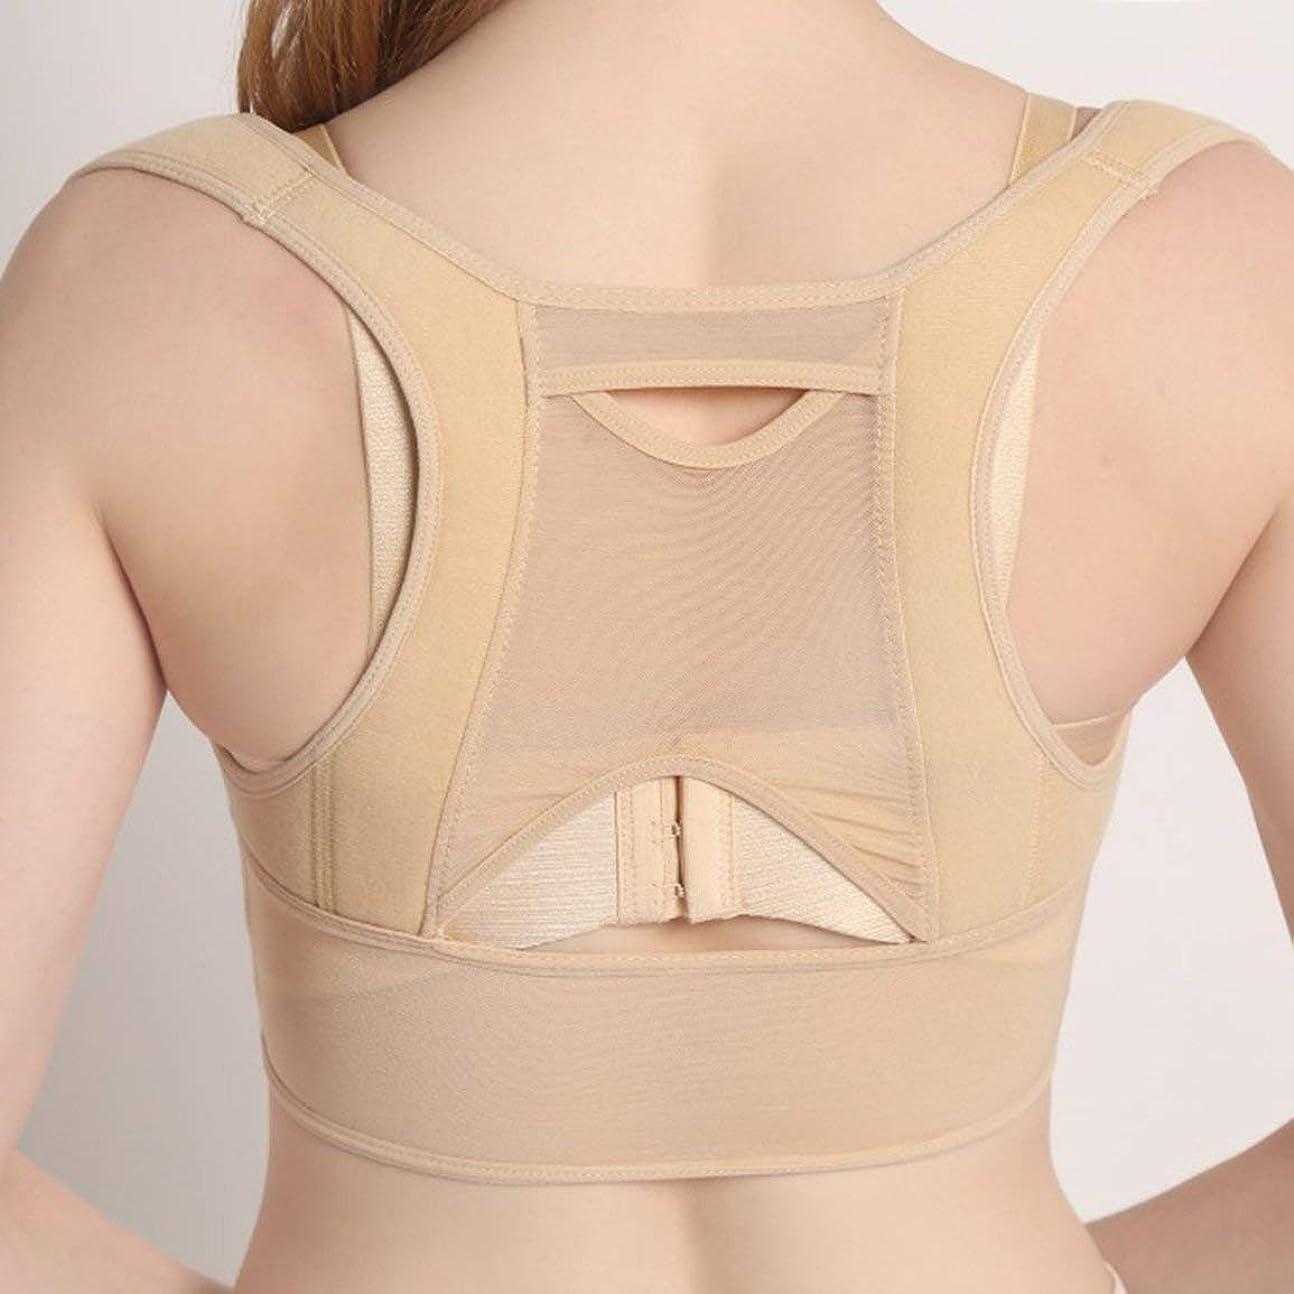 肝恥ミス通気性のある女性の背中の姿勢矯正コルセット整形外科の肩の背骨の姿勢矯正腰椎サポート - ベージュホワイトM